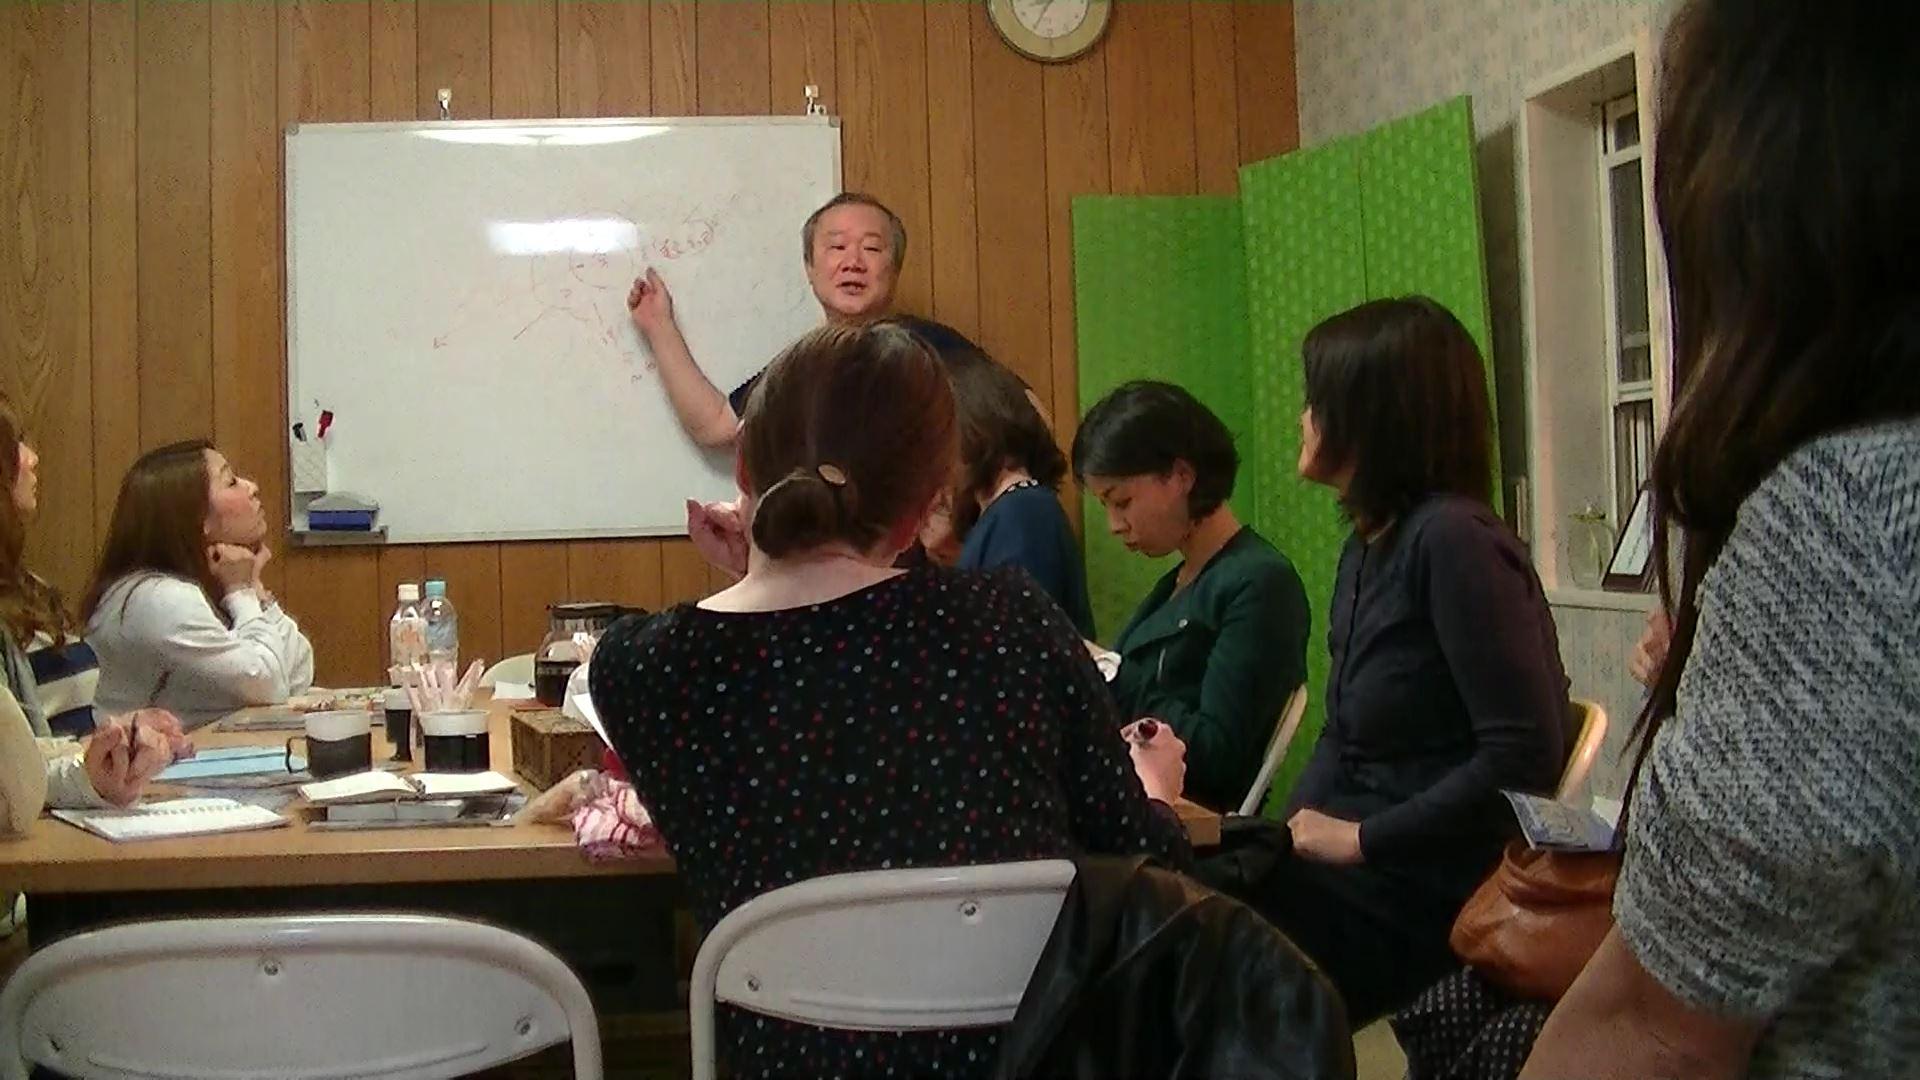 00479.MTS 000018885 - 2019年7月16日愛の子育て塾第15期第2講座開催しました。